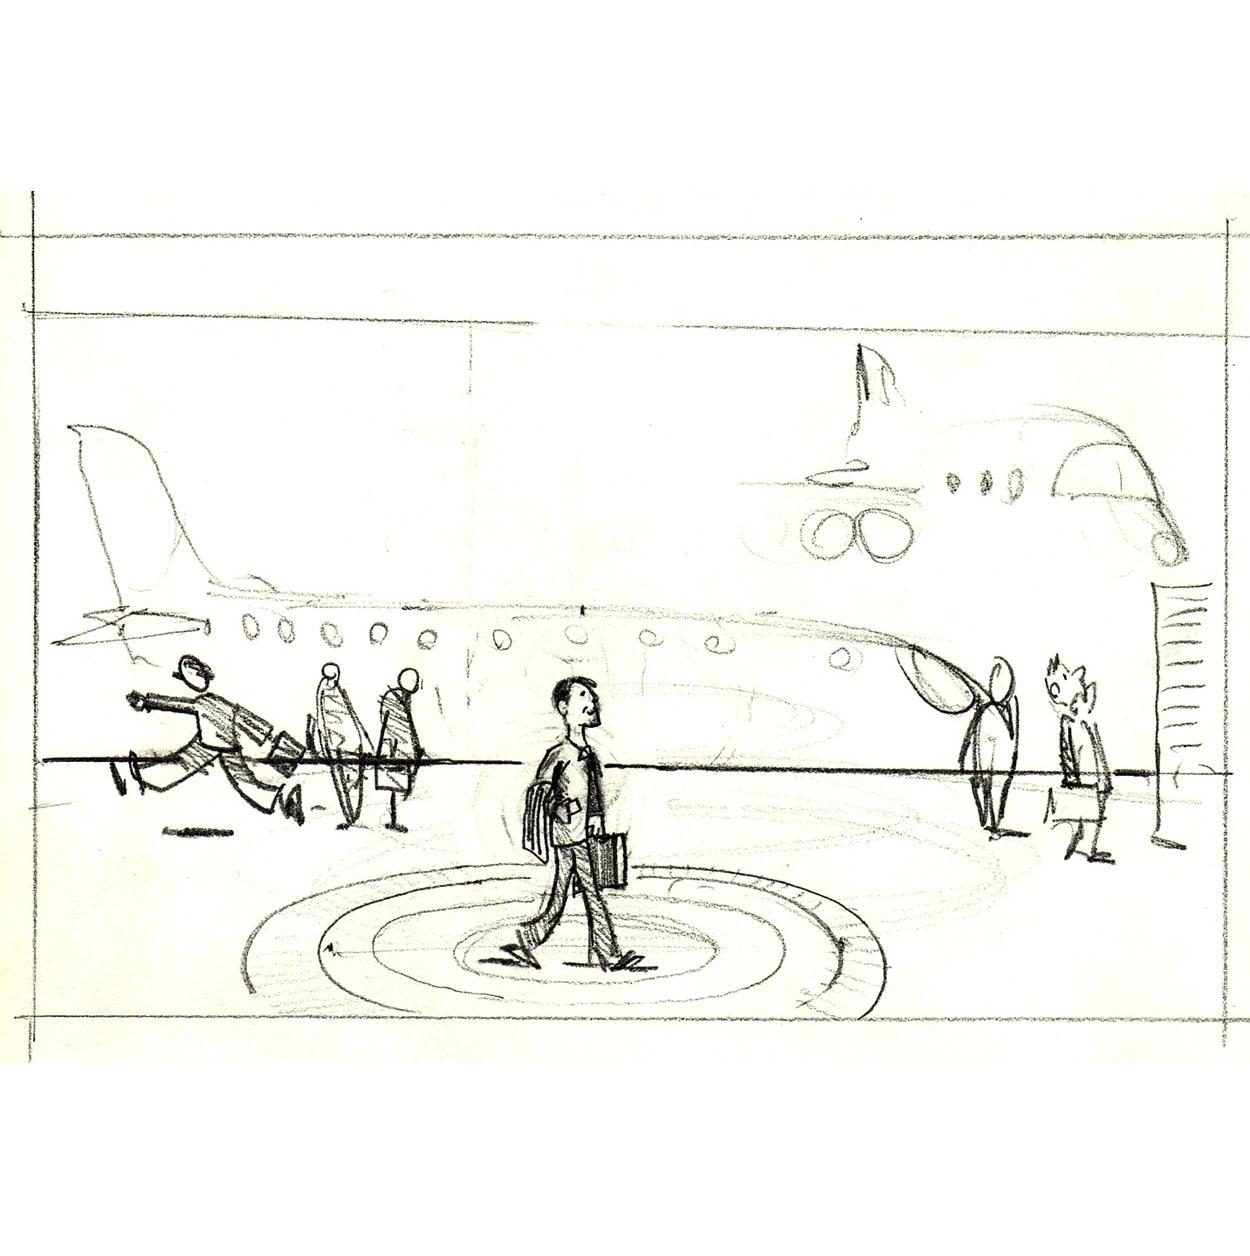 Tegning af mand i lufthavn med cirkel rundt. skitse af Frits Ahlefeldt